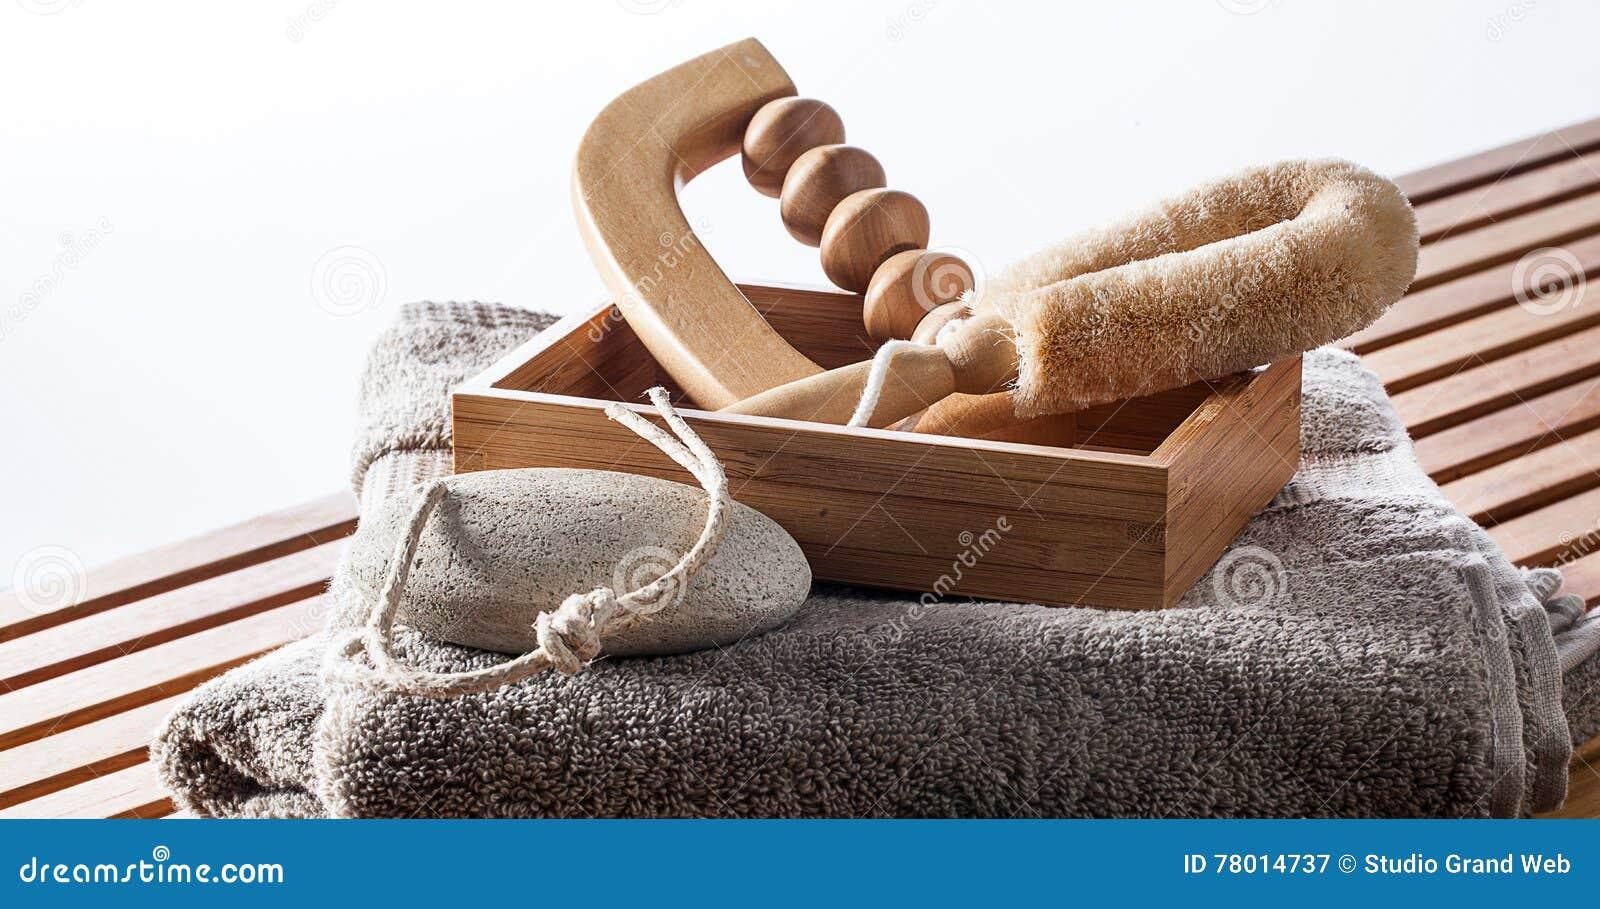 Uppsättning av massage, exfoliation och skalning som skämmer bort tillbehör